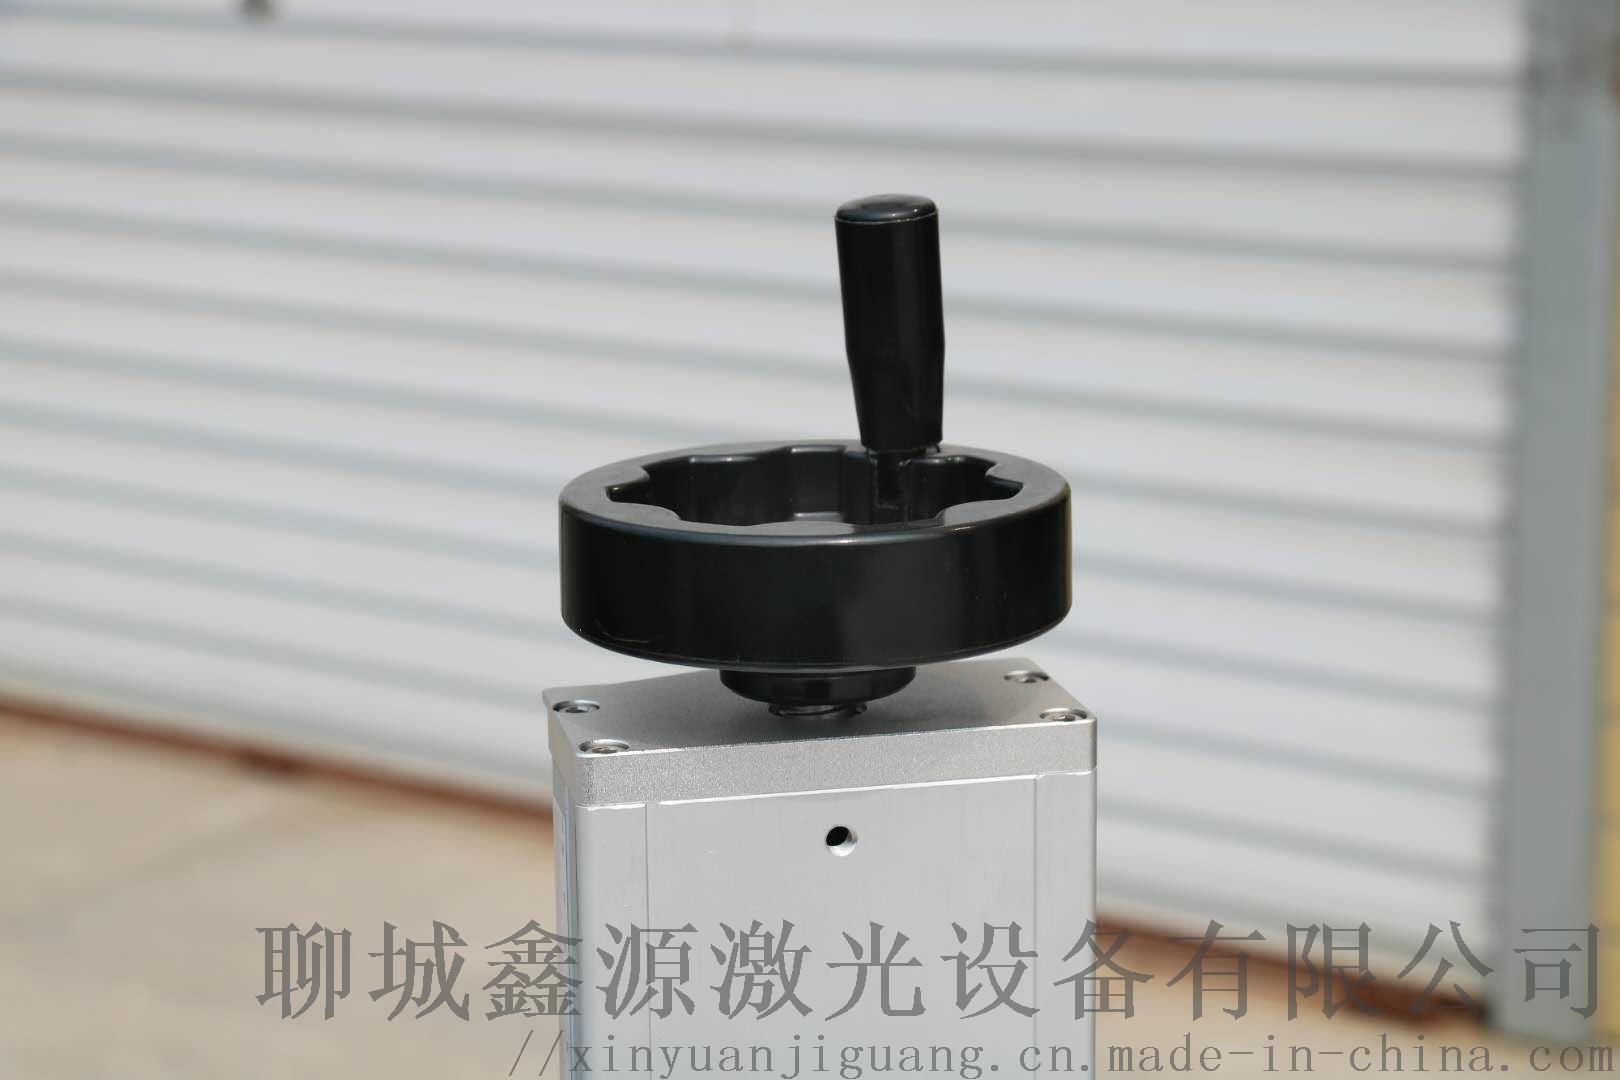 茶叶包装商标雕刻机小型光纤激光打标机92857572